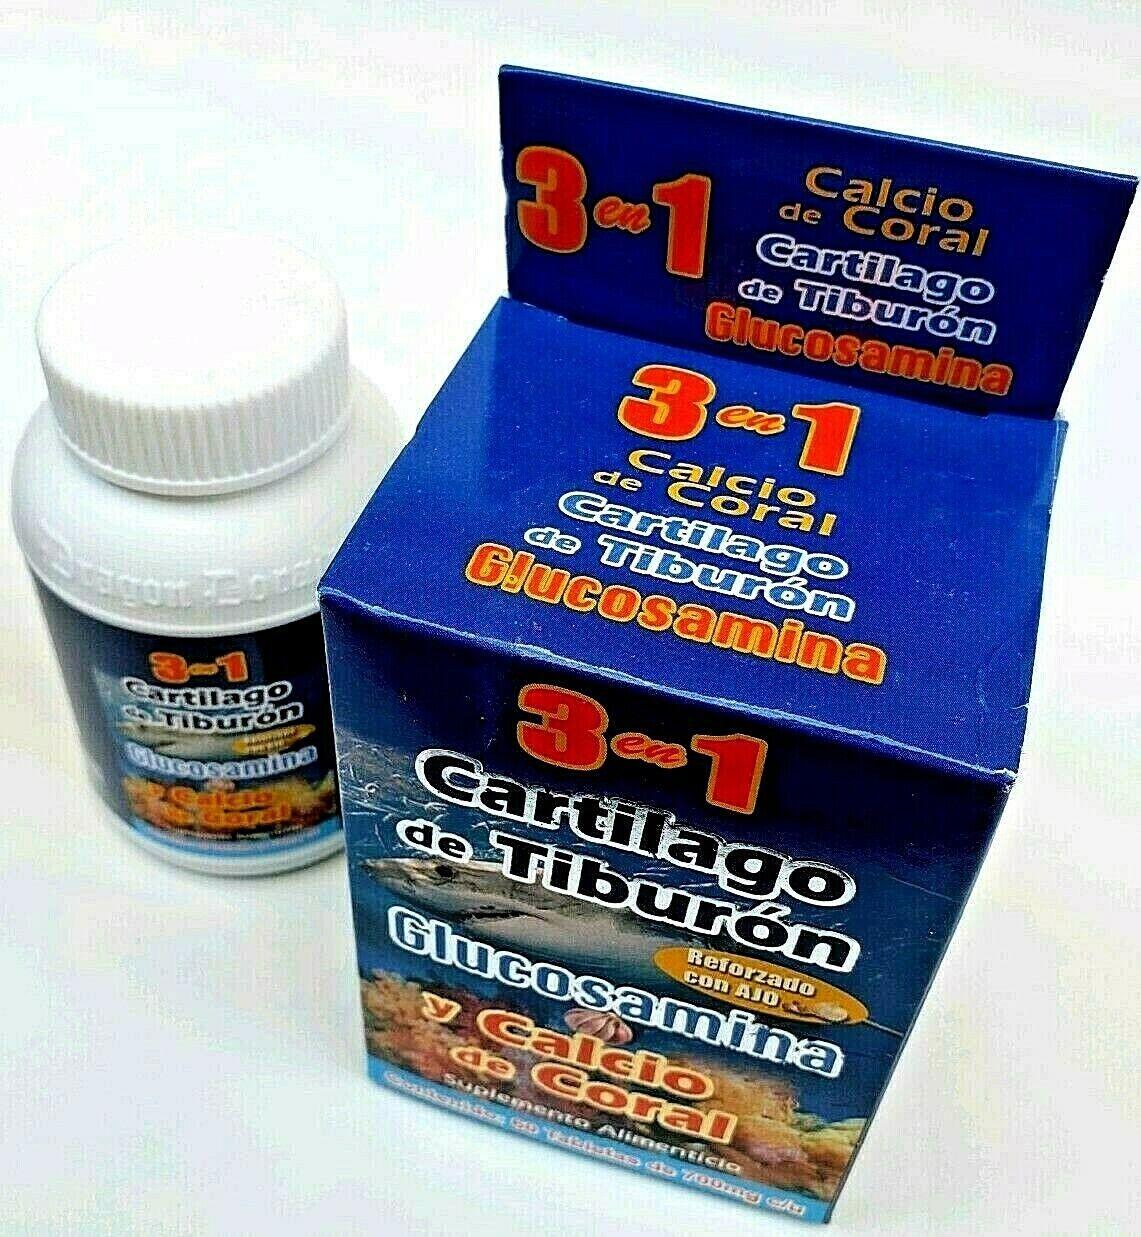 3 en 1 CARTILAGO TIBURON GLUCOSAMINA CALCIO CORAL REFORZADO + AJO FREE SHIPPING 10